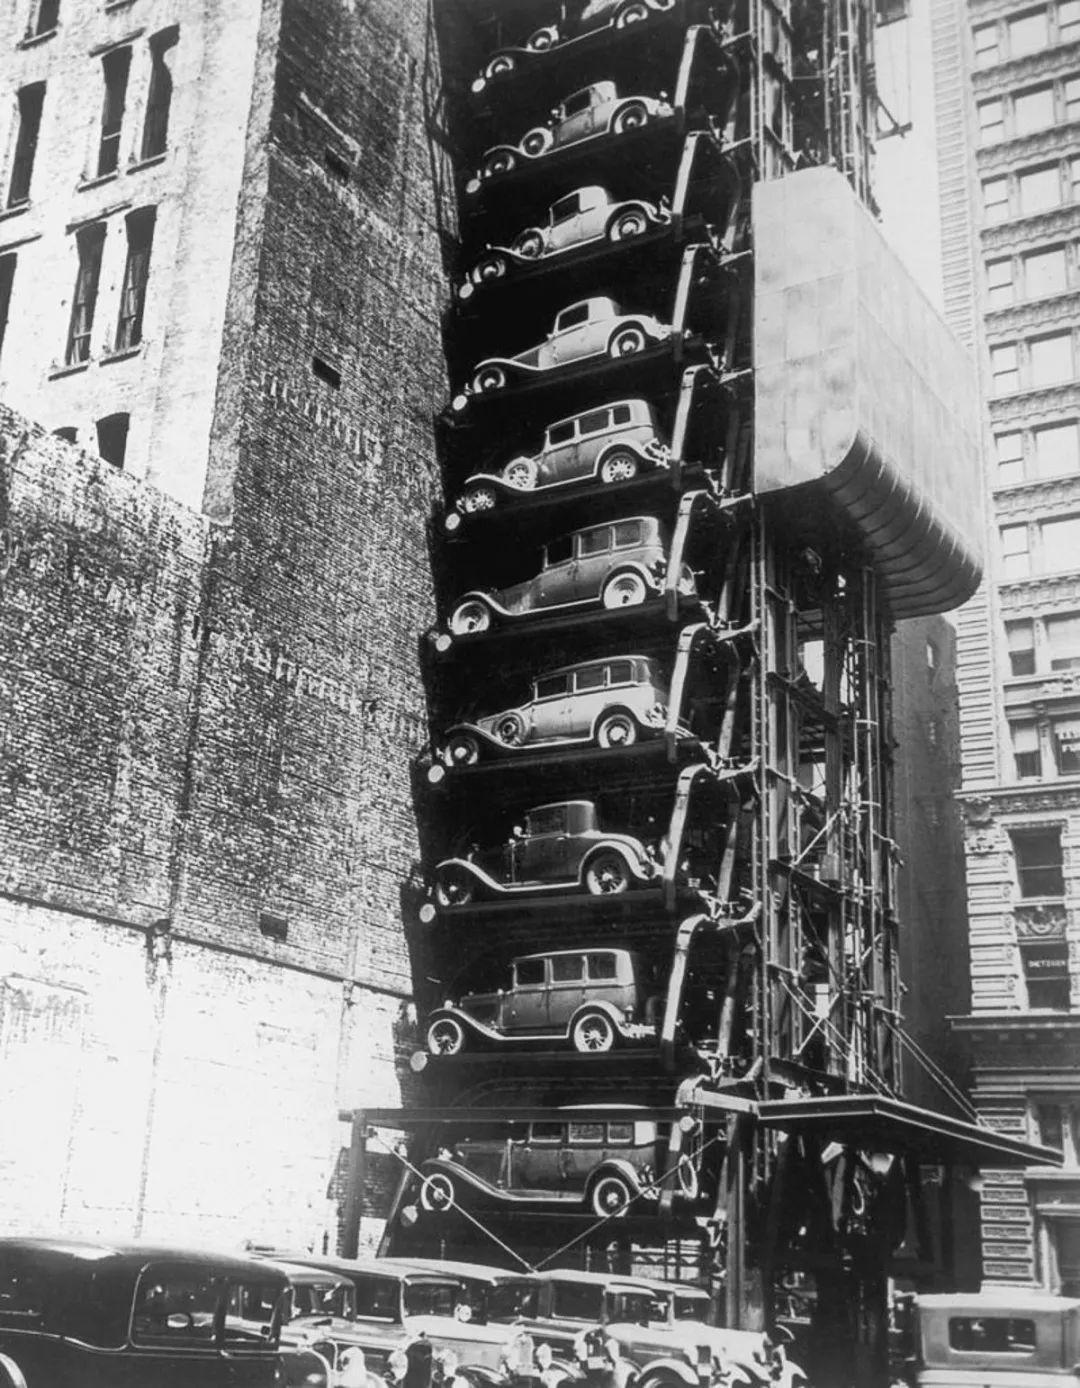 车趣|各种脑洞大开的魔幻现实主义停车楼